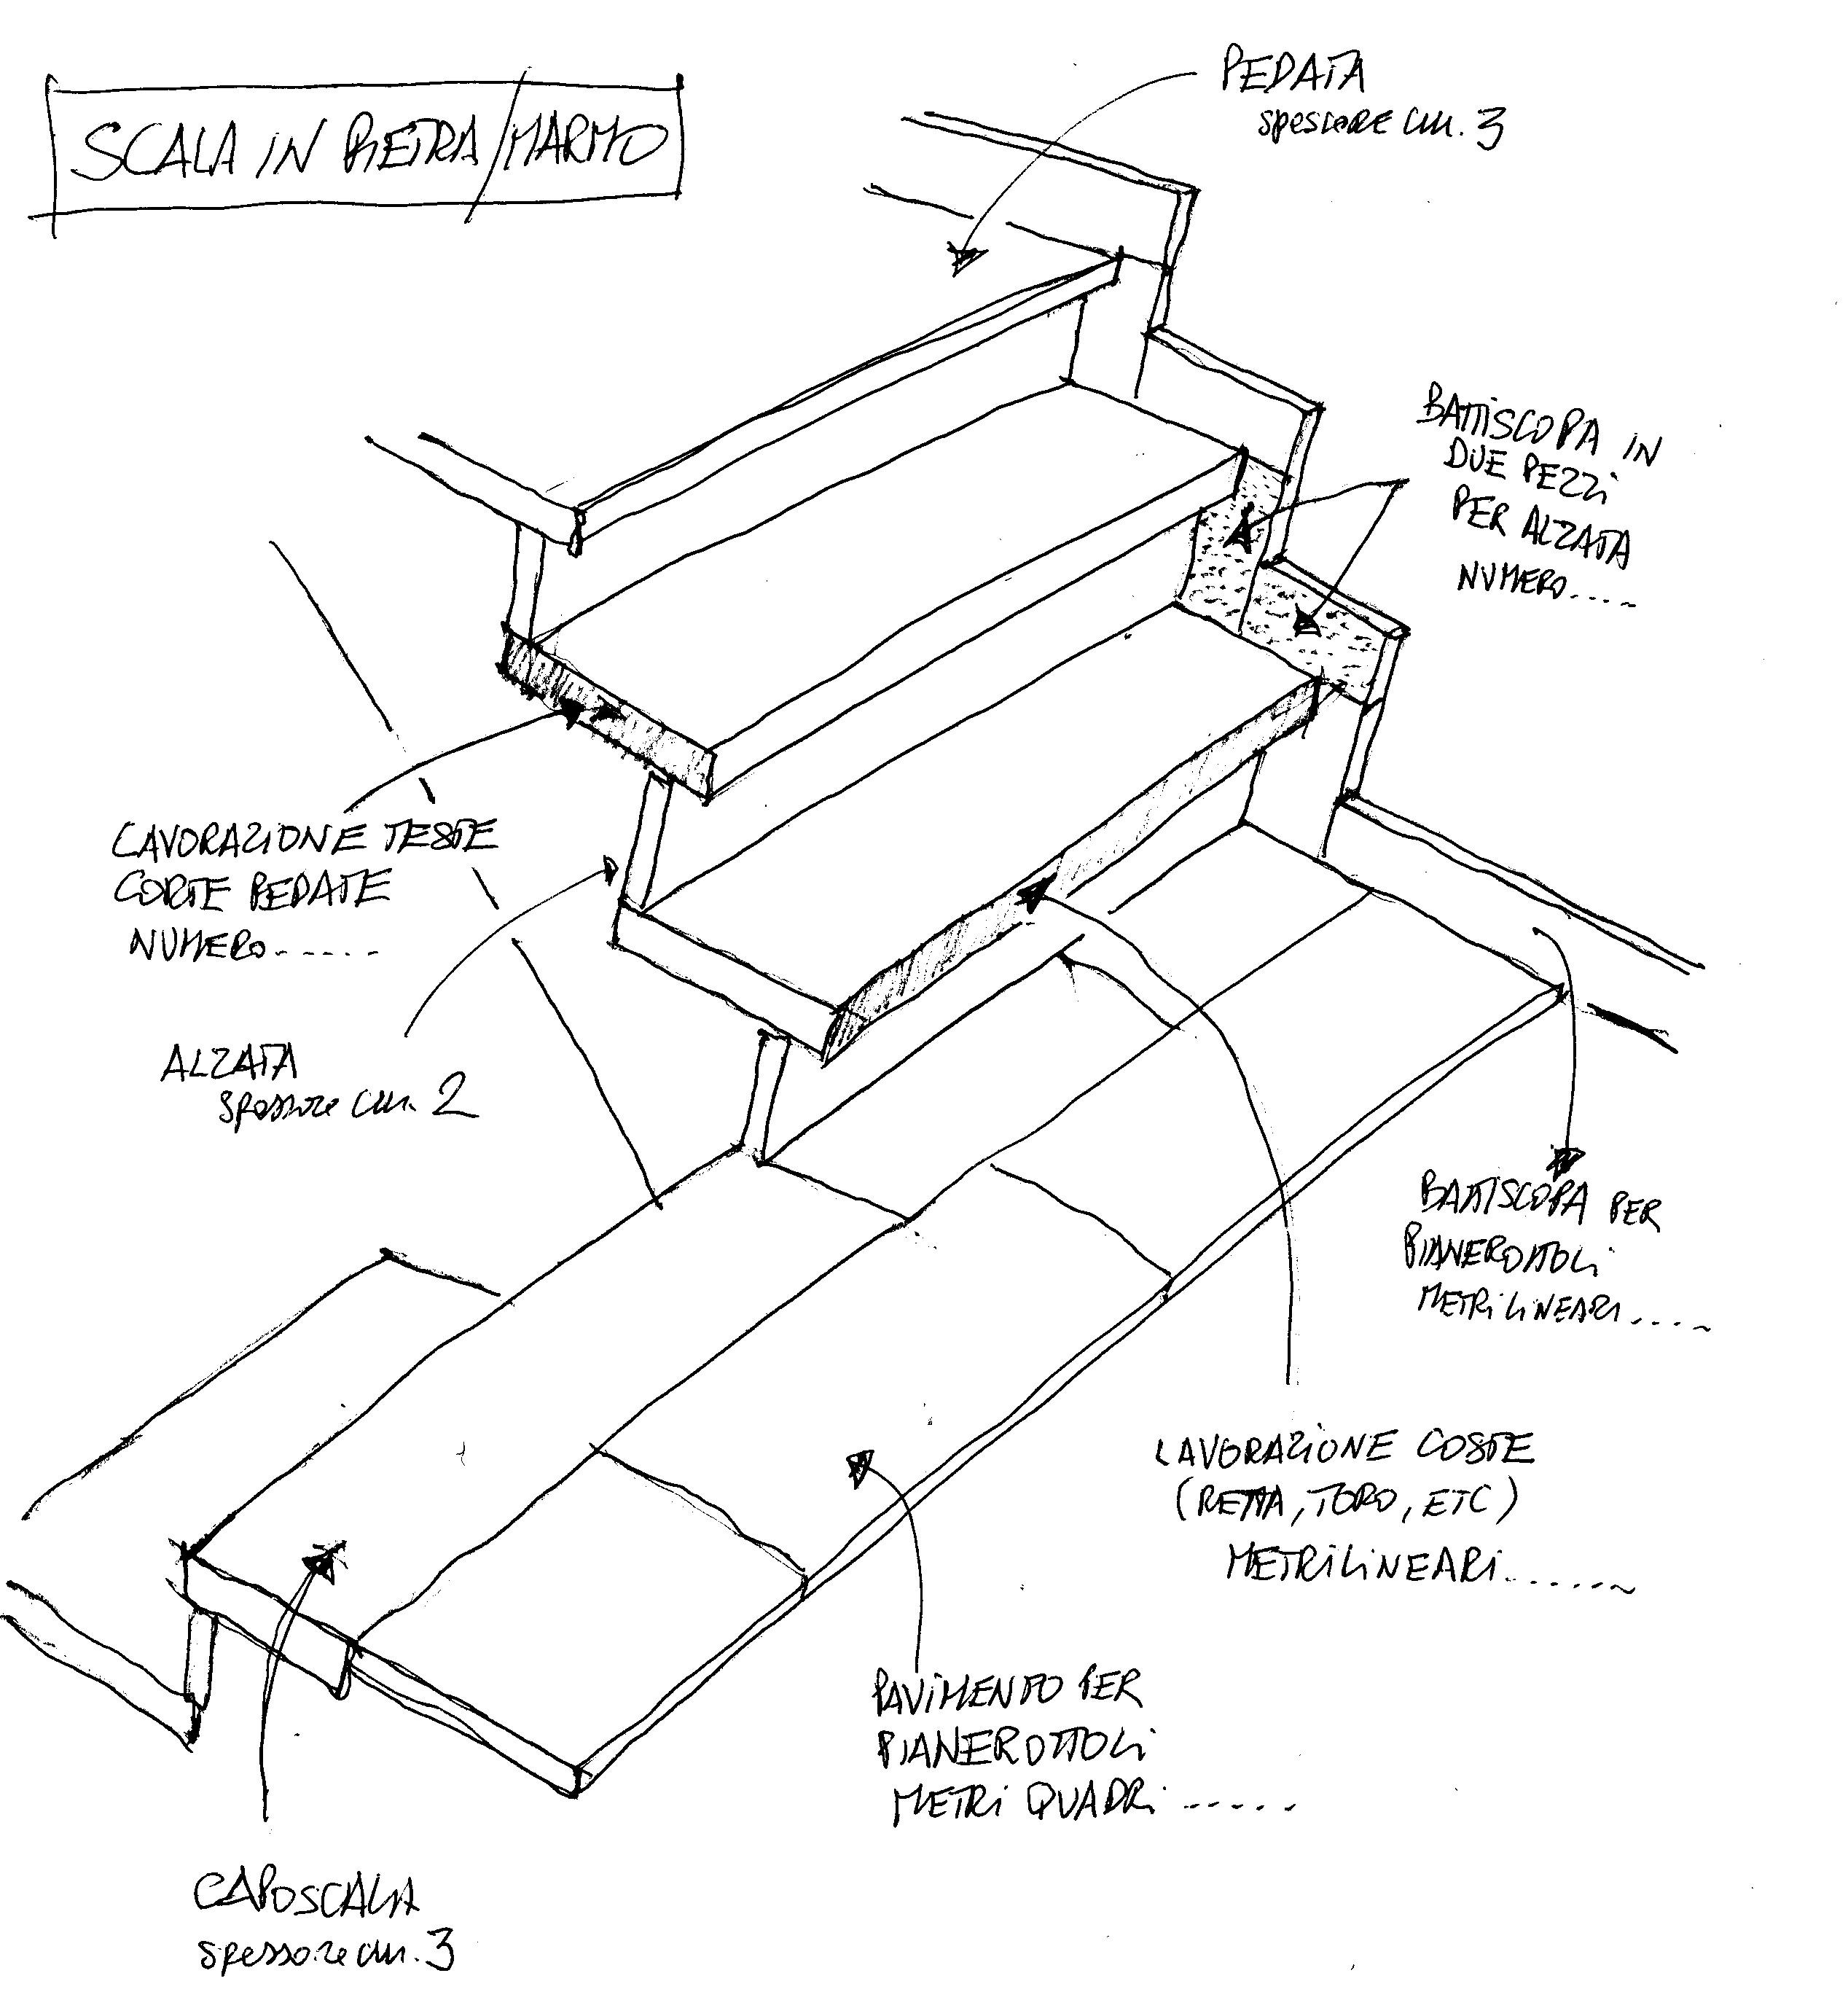 Voci di capitolato per davanzali soglie e scale in pietra - Scale interne misure ...